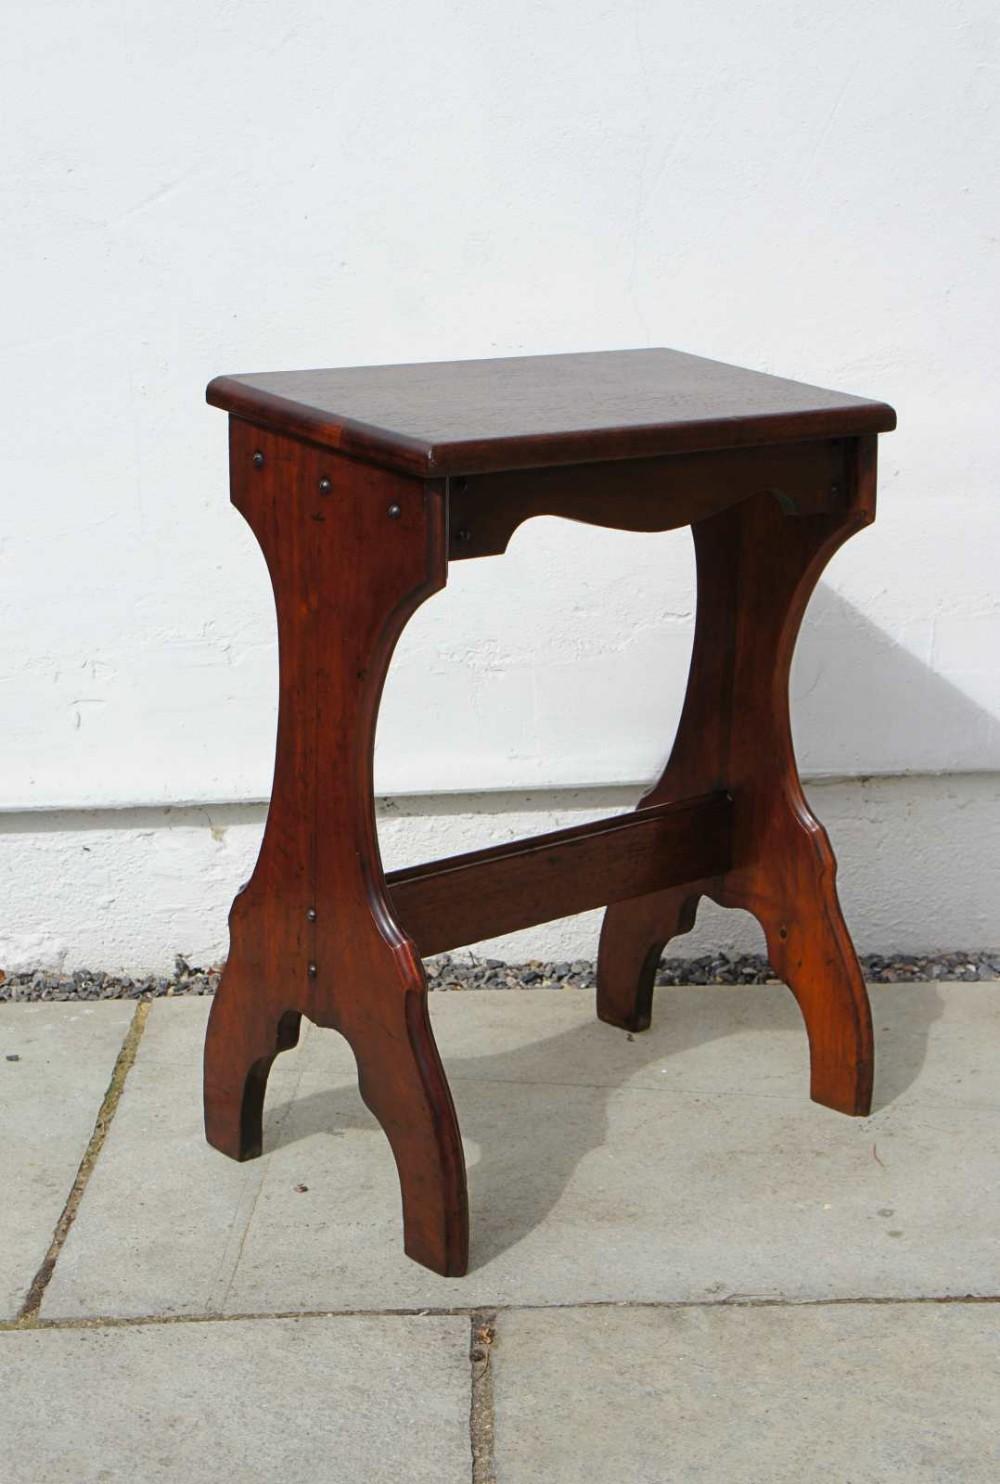 early 20th c mahogany harmonium or organists stool